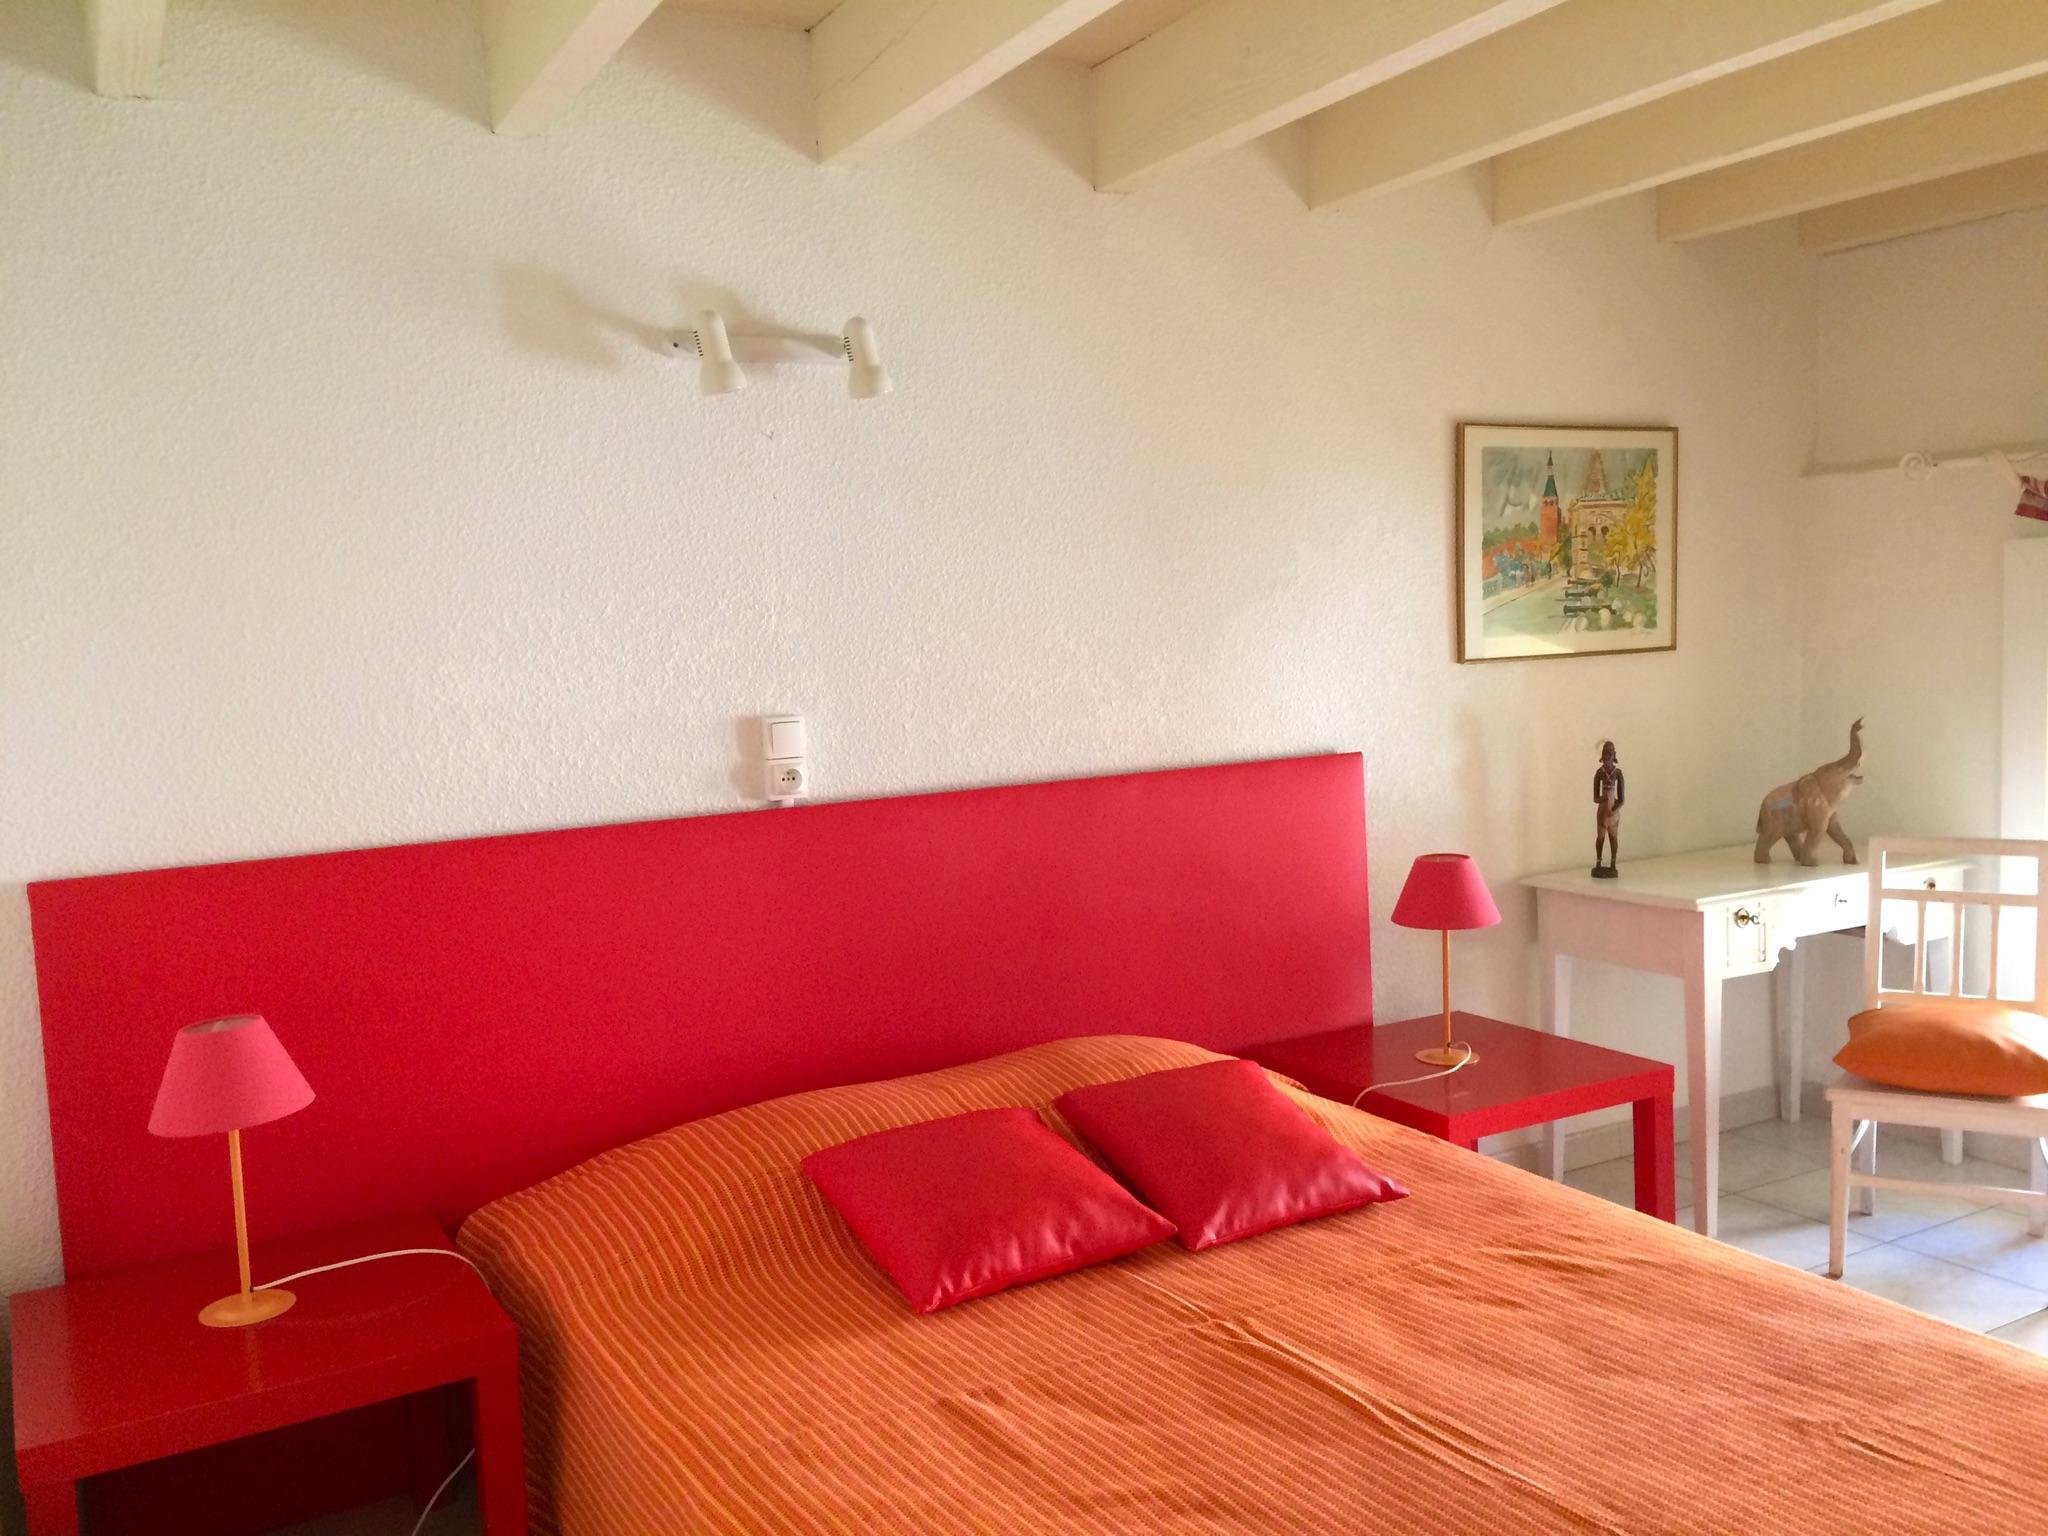 Ferienhaus Charaktervolles Haus in Hérault mit Pool und Garten (2201003), Portiragnes, Mittelmeerküste Hérault, Languedoc-Roussillon, Frankreich, Bild 15